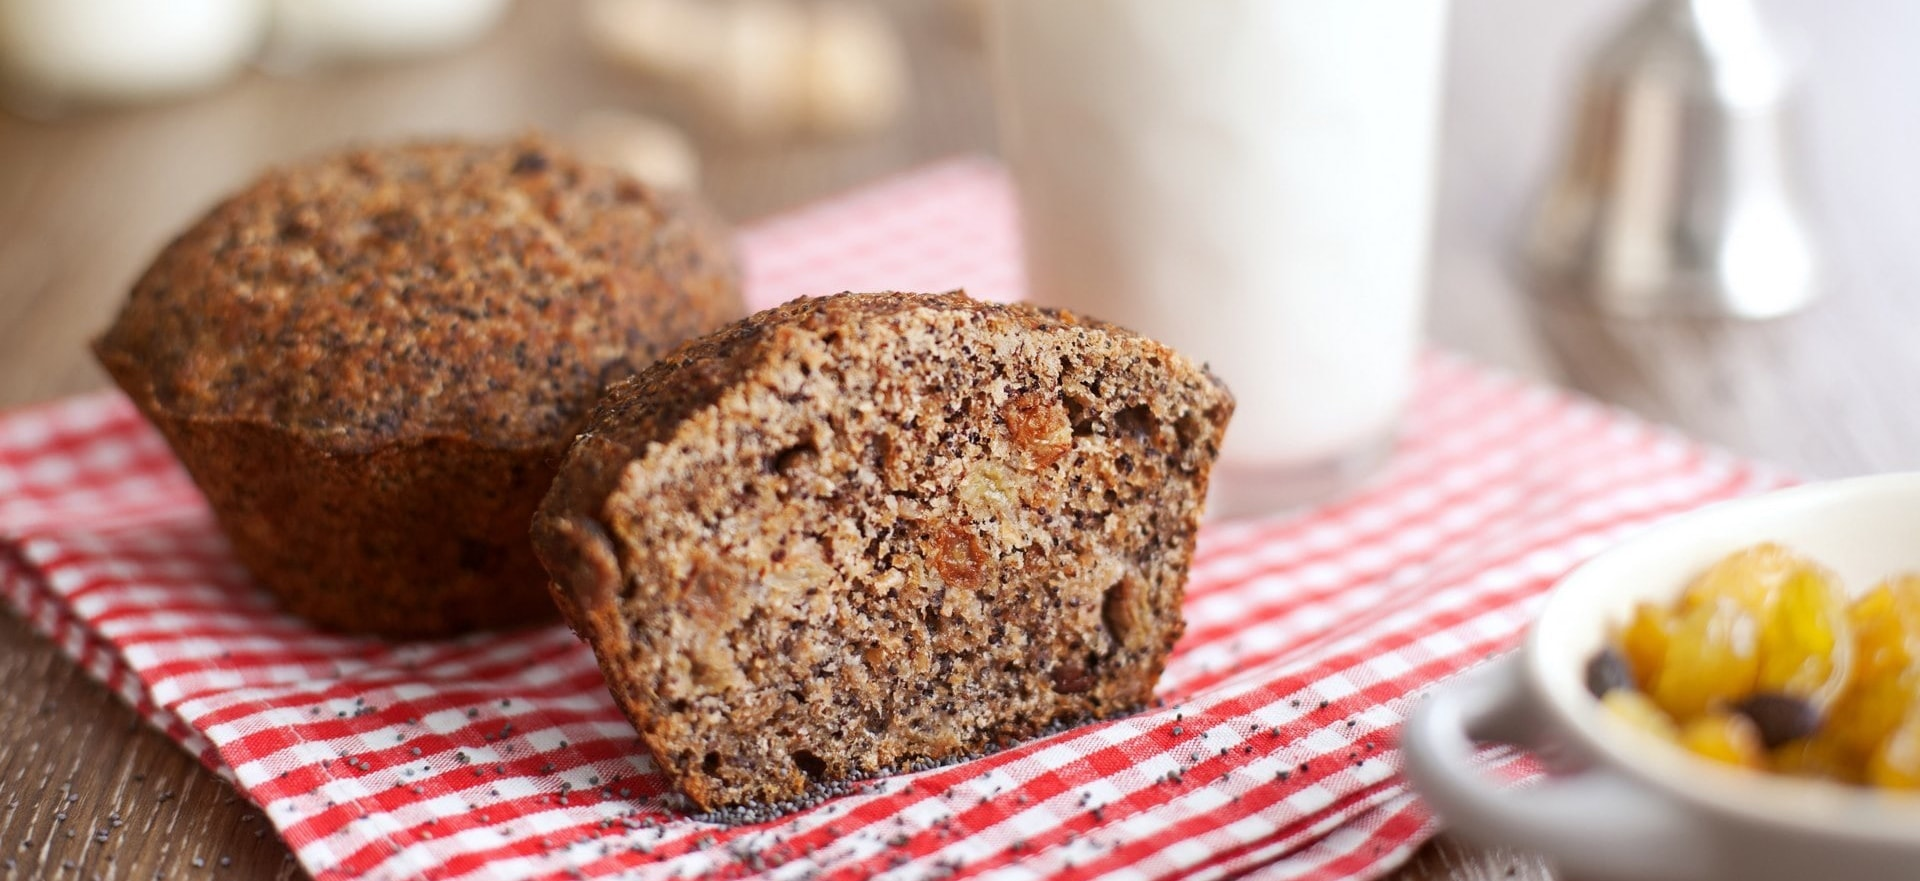 Хлебцы, сладости и хлеб из цельного пророщенного зерна пшеницы